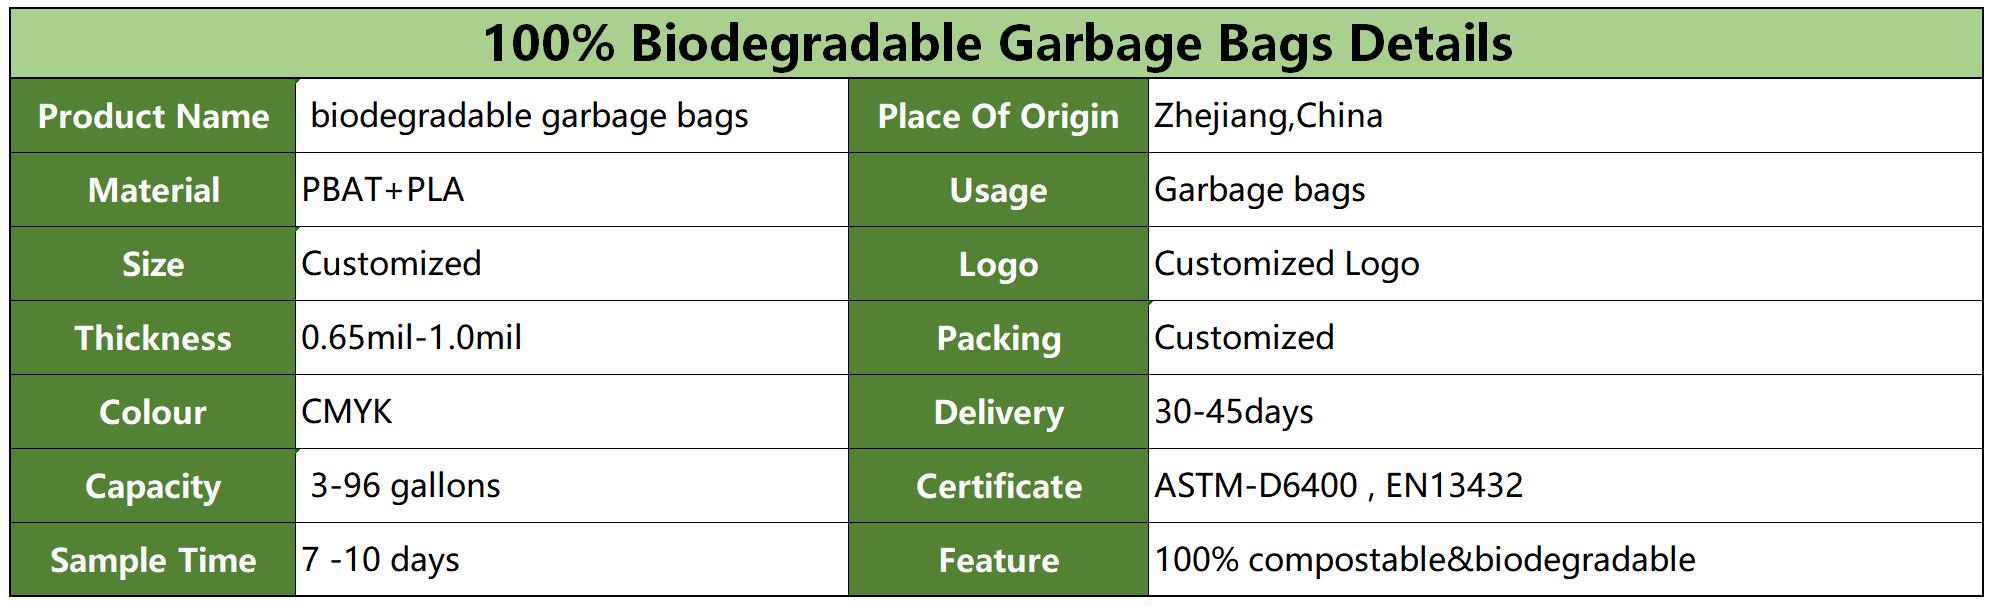 garbage bag details